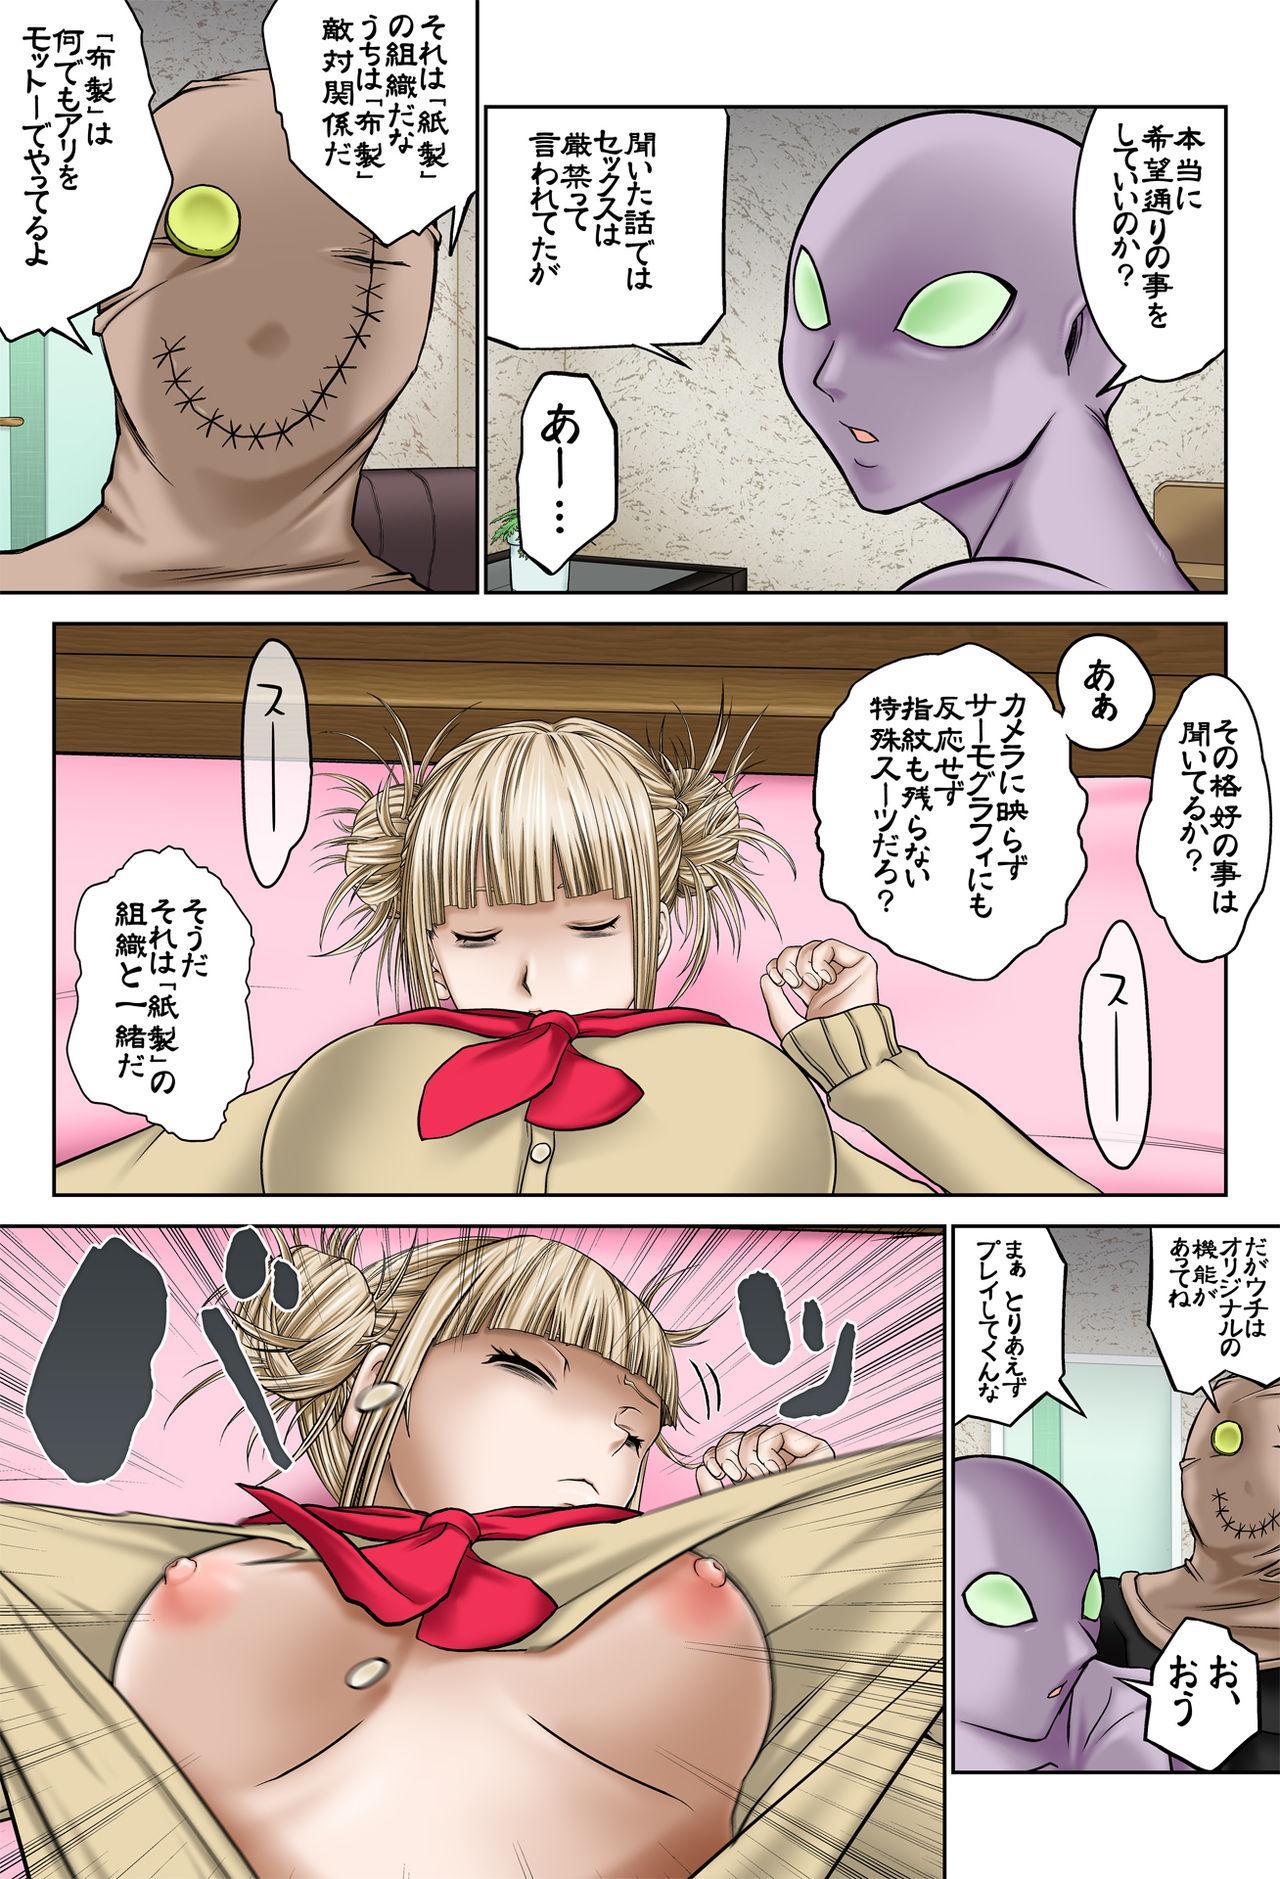 NACHT RAUM 6 Shikyuu de Shojomaku o Buchiyabure! 2